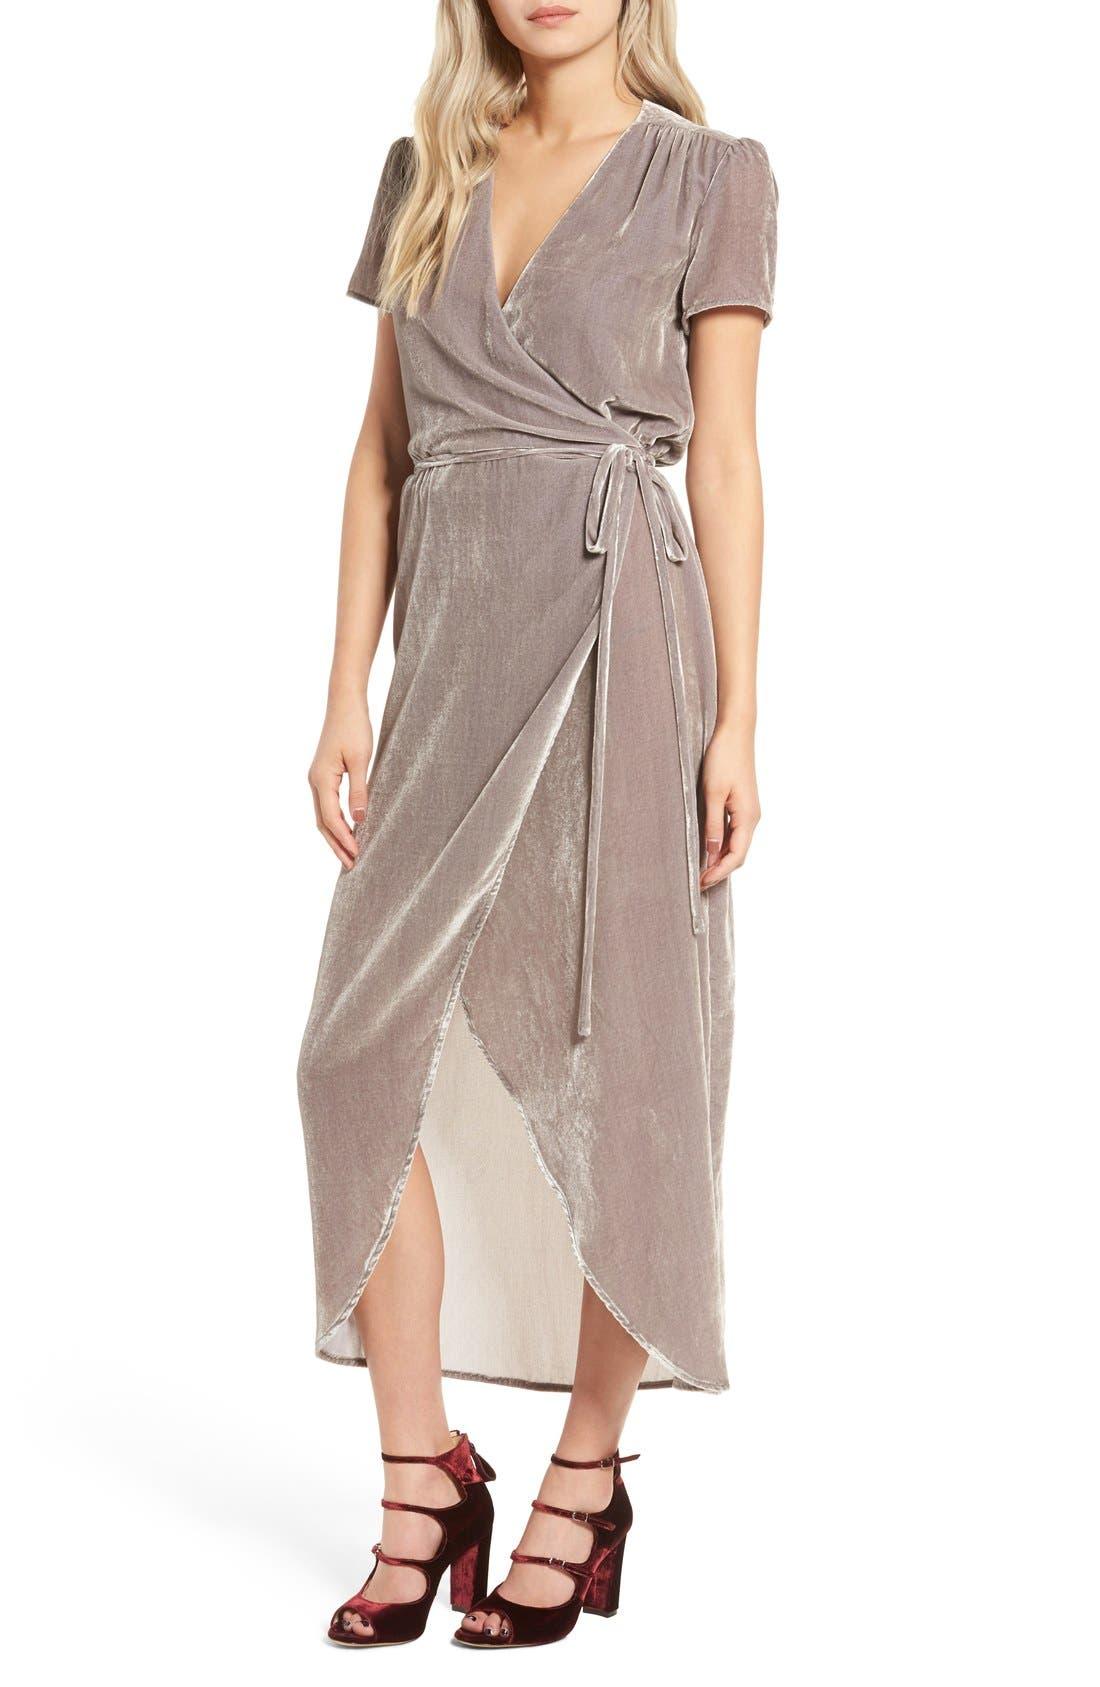 WAYF Next to You Velvet Wrap Dress, Main, color, 051